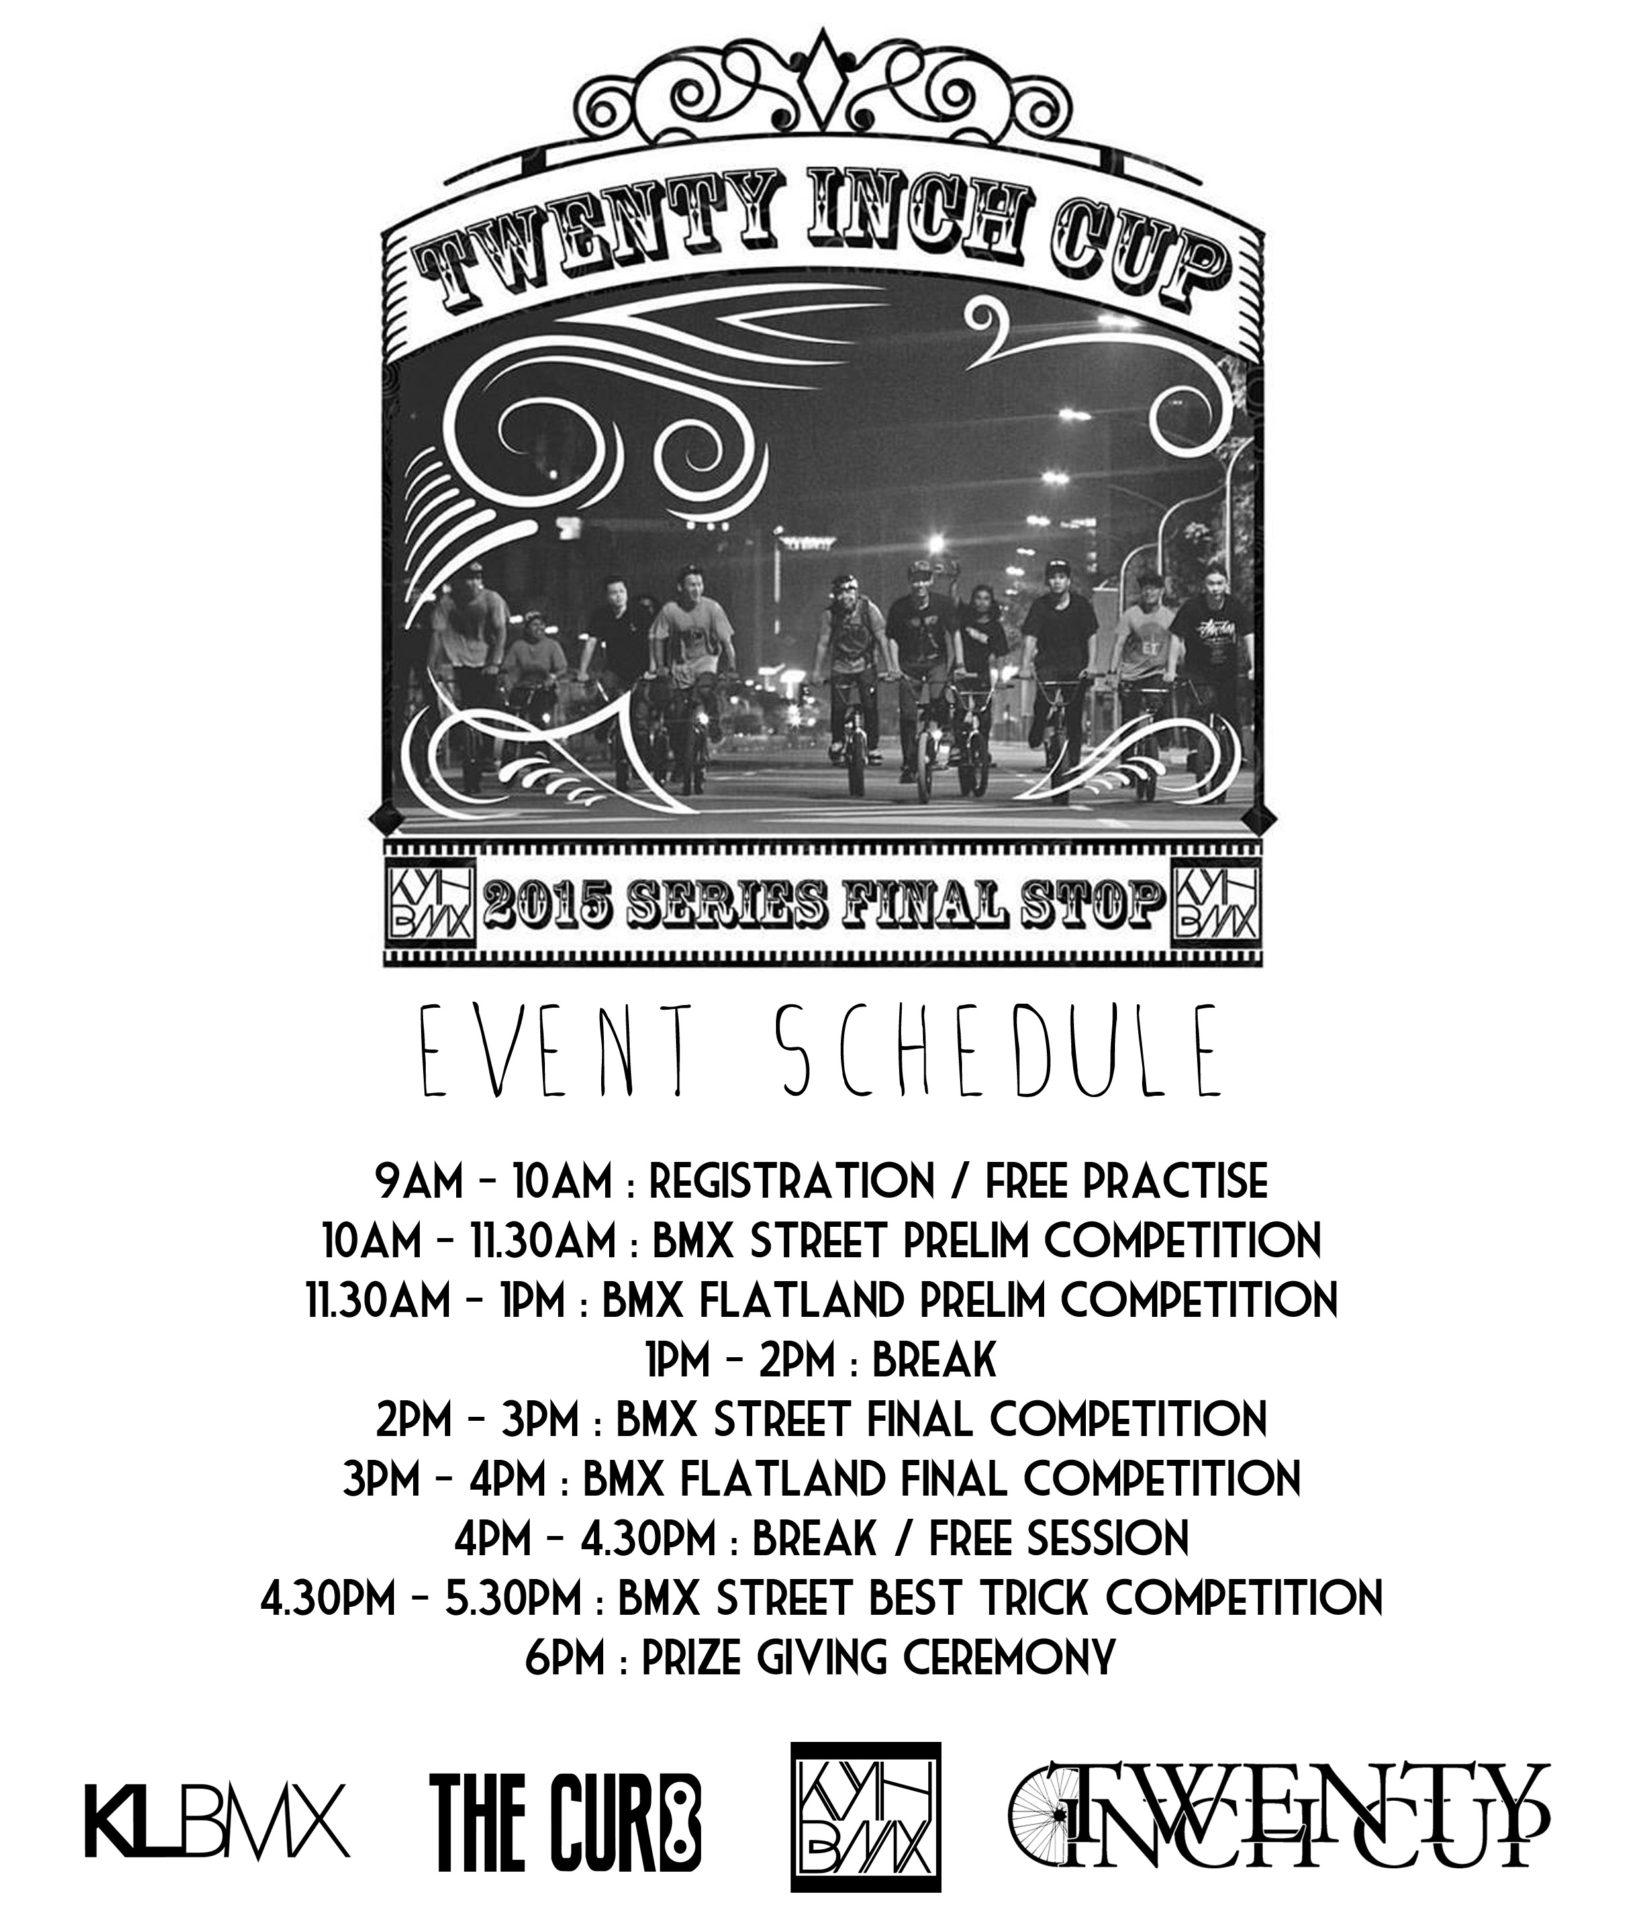 TIC schedule